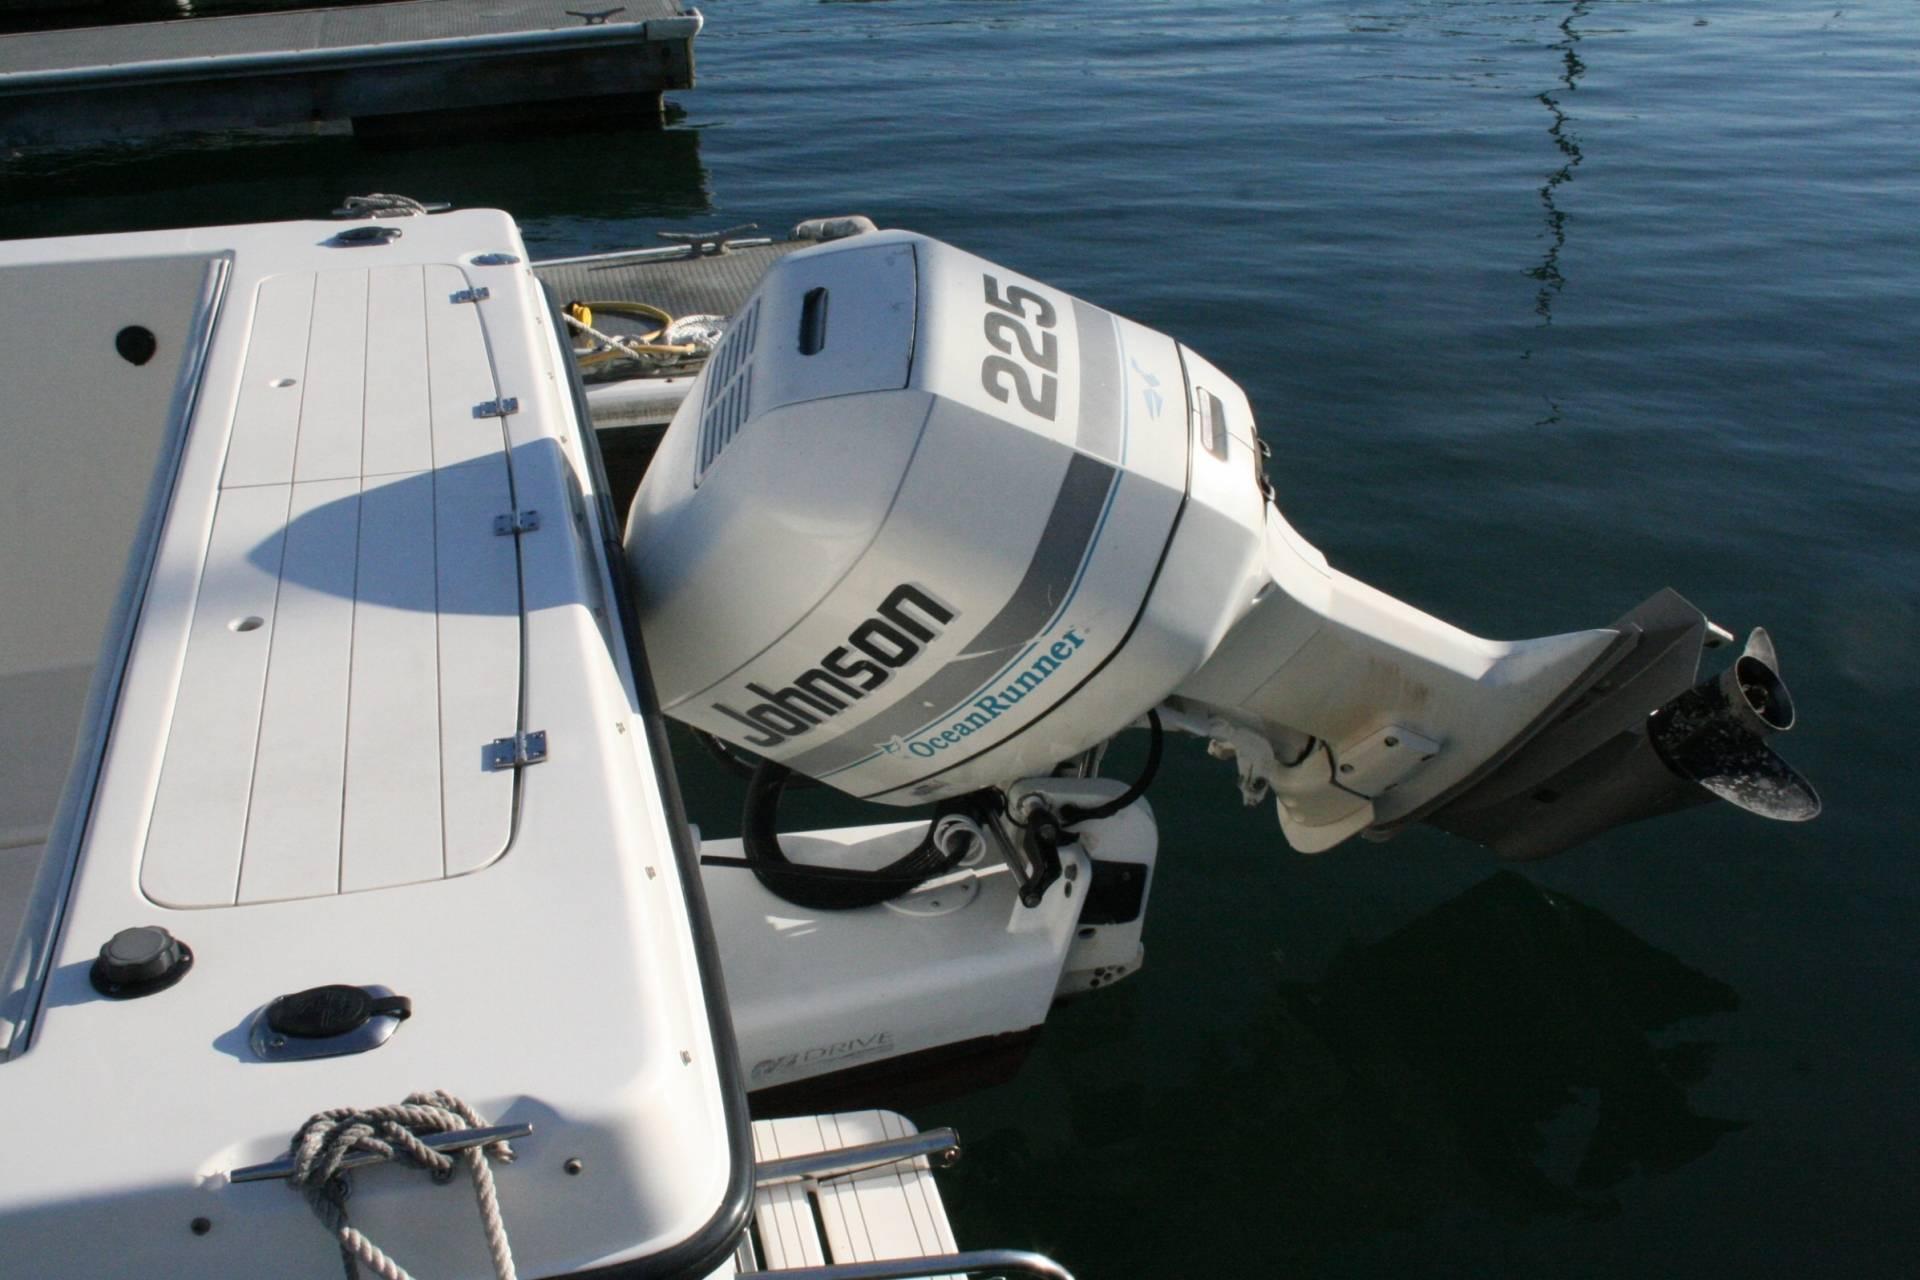 Johnson 225 Hp Ocean Runner 2 Stroke Outboard Motor For